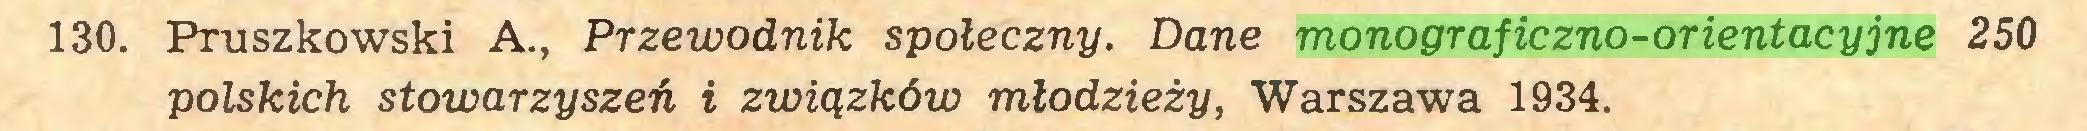 (...) 130. Pruszkowski A., Przewodnik społeczny. Dane monograficzno-orientacyjne 250 polskich stowarzyszeń i związków młodzieży, Warszawa 1934...